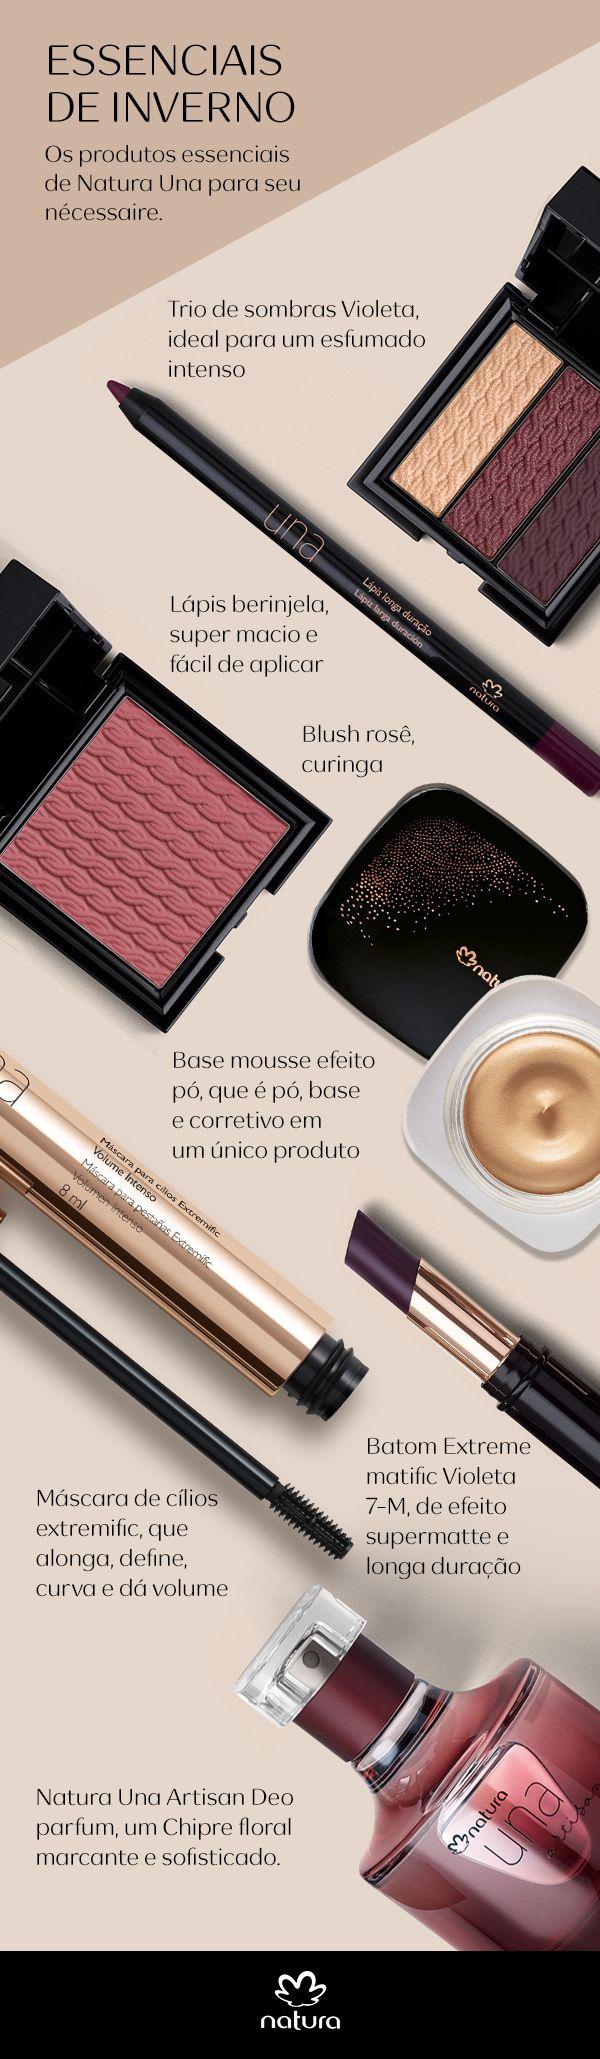 Essenciais de inverno de maquiagem e perfumaria